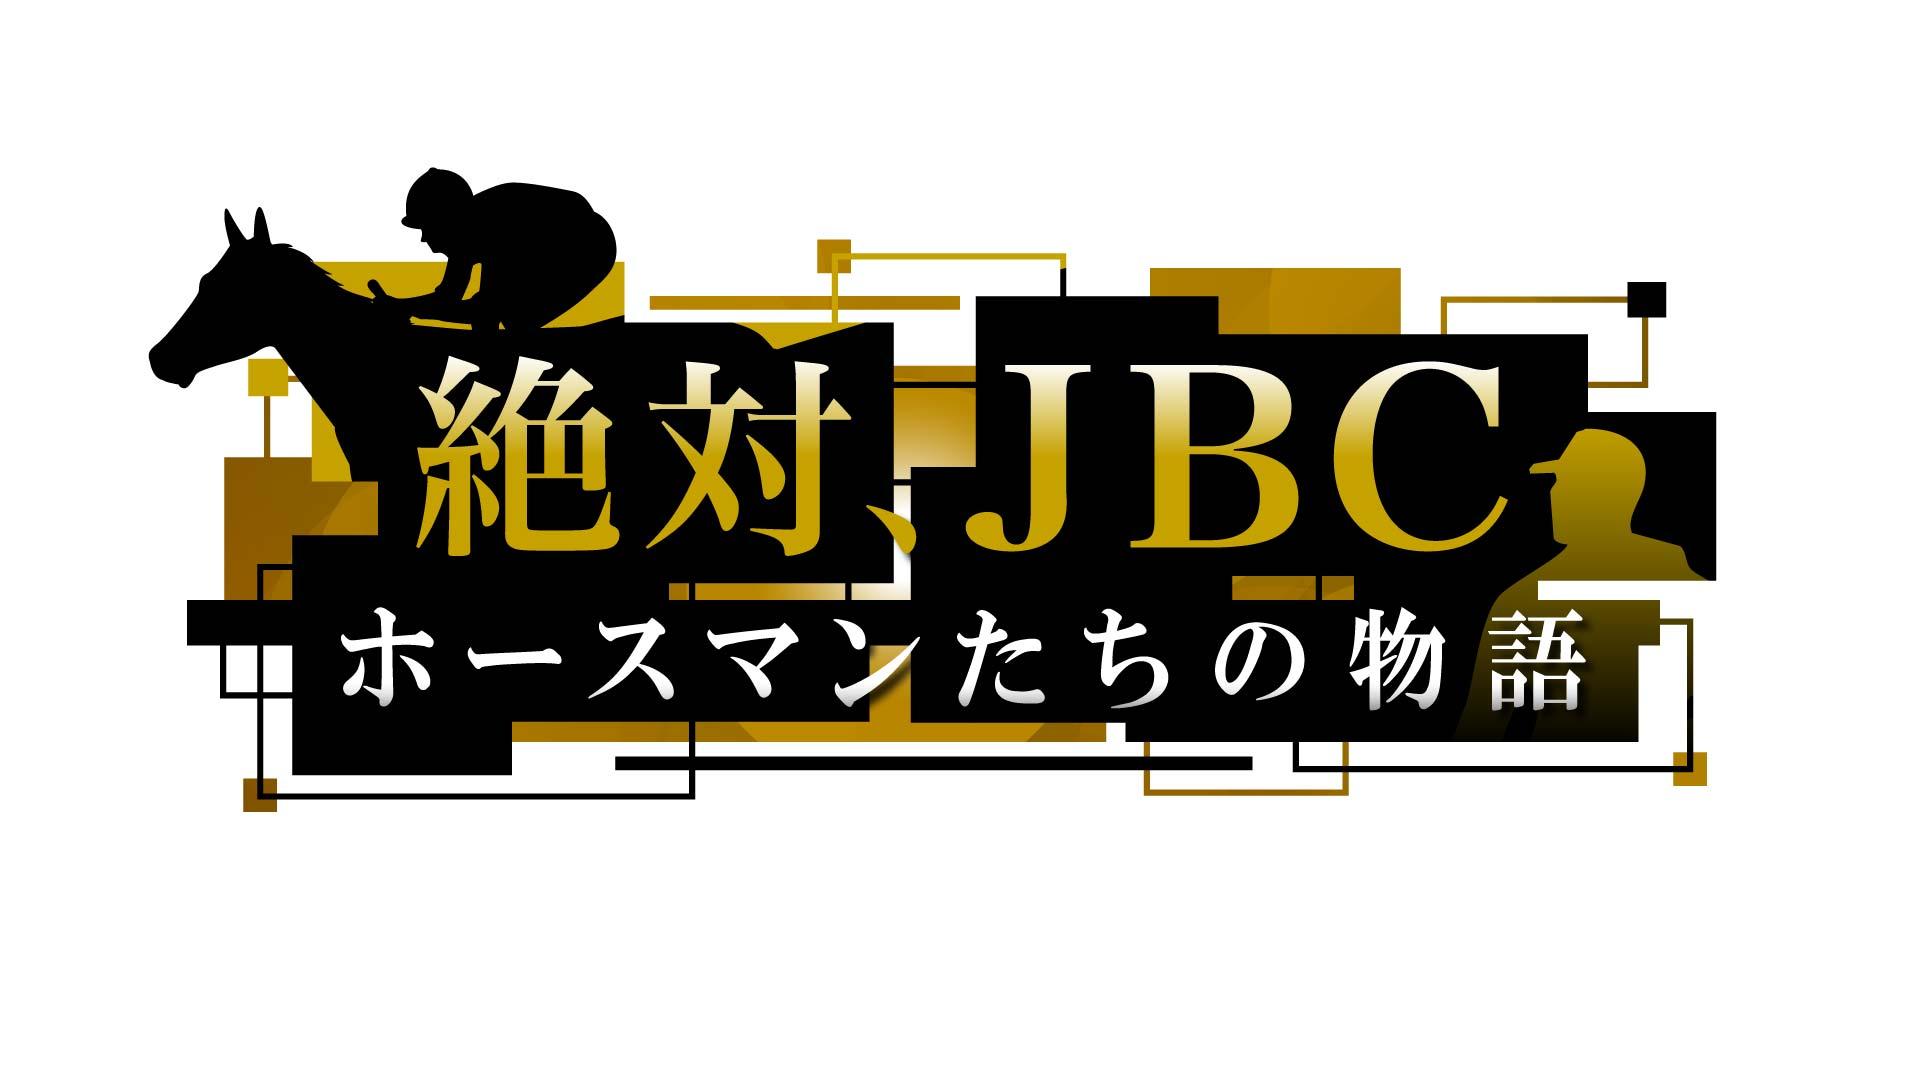 絶対、JBC ホースマンたちの物語